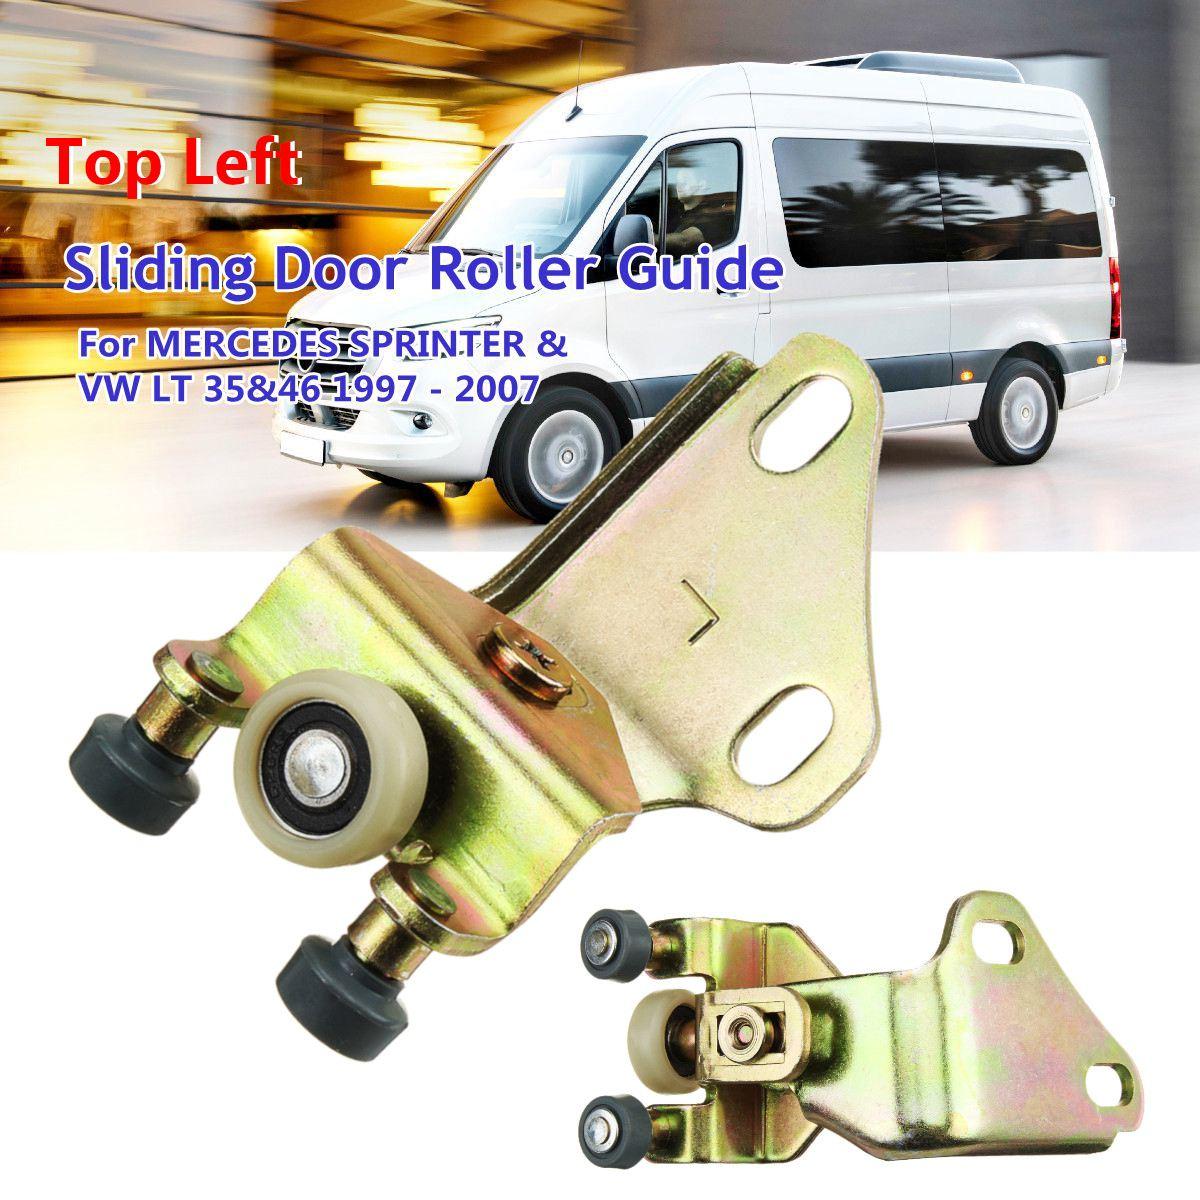 Guía de rodillos para puerta deslizante 9017600947 901 760 09 47 de la parte superior izquierda para MERCEDES SPRINTER y para VW LT 35 y 46